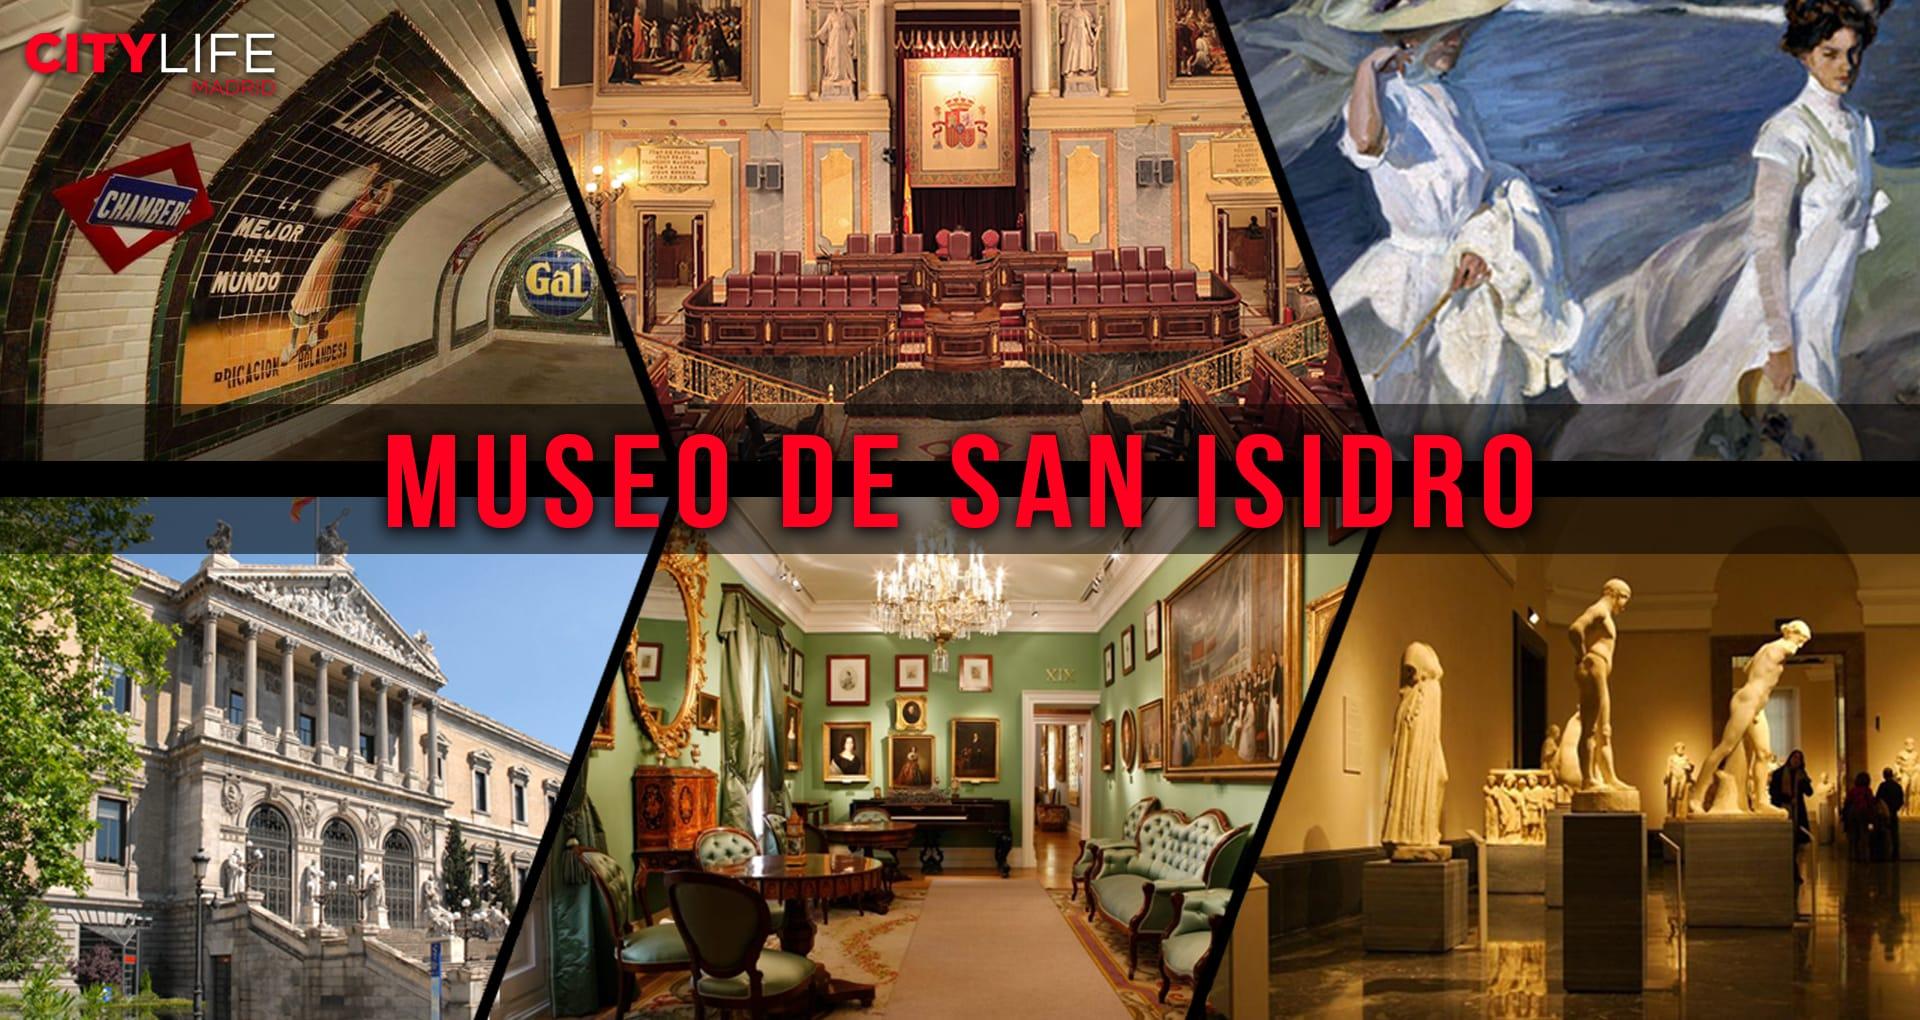 FREE VISIT: MUSEO DE SAN ISIDRO